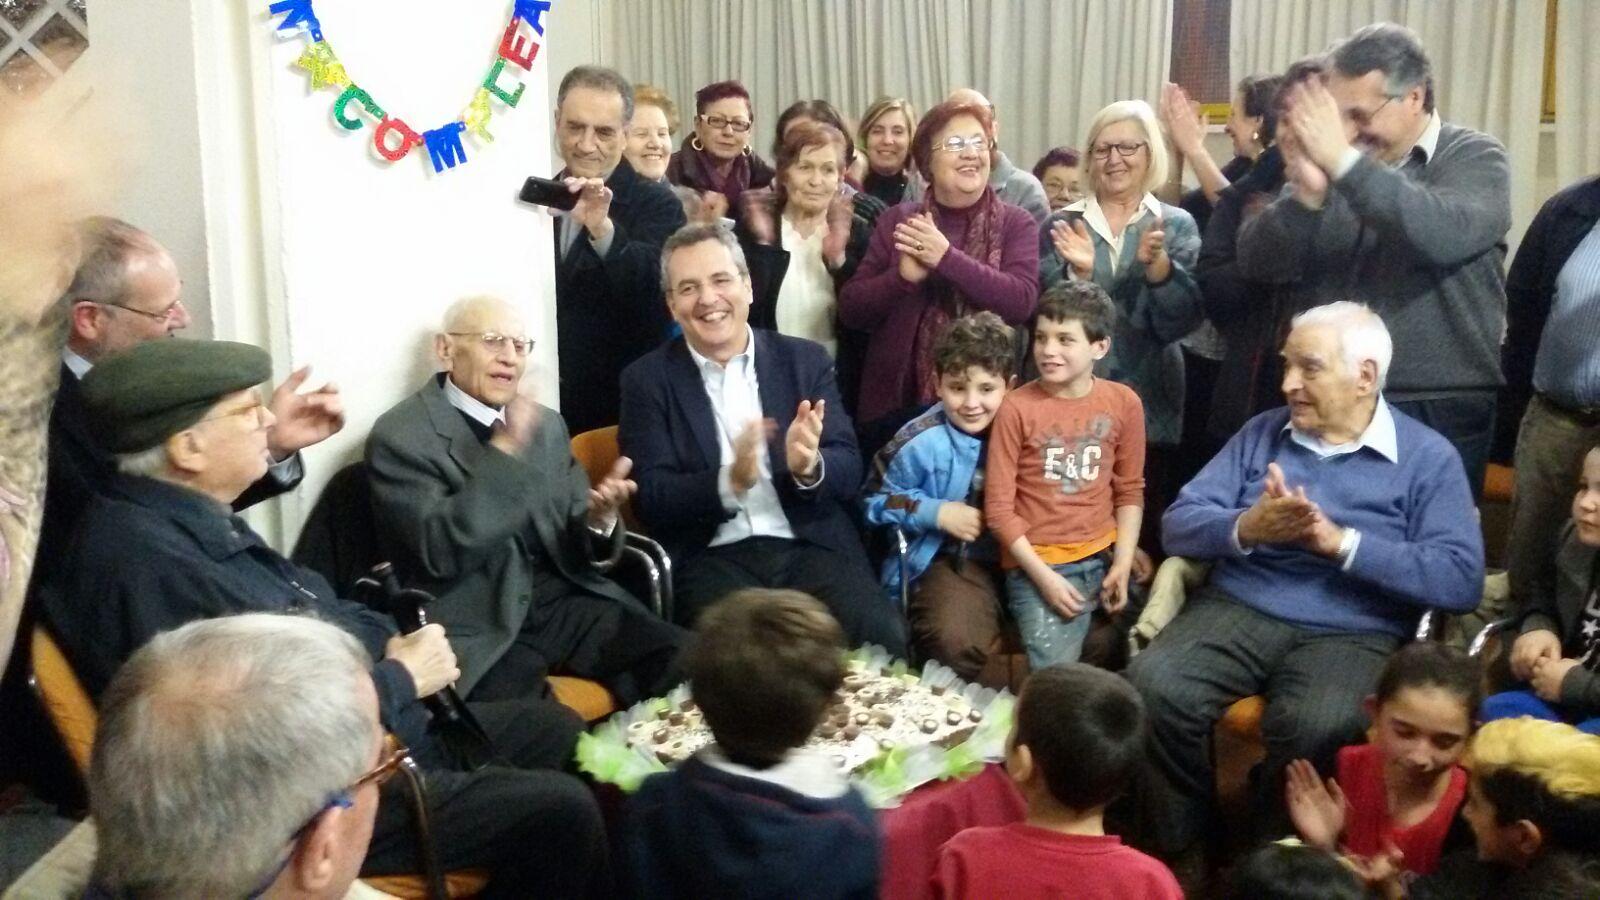 Cento anni e una grande famiglia per Michele: il regalo più gradito